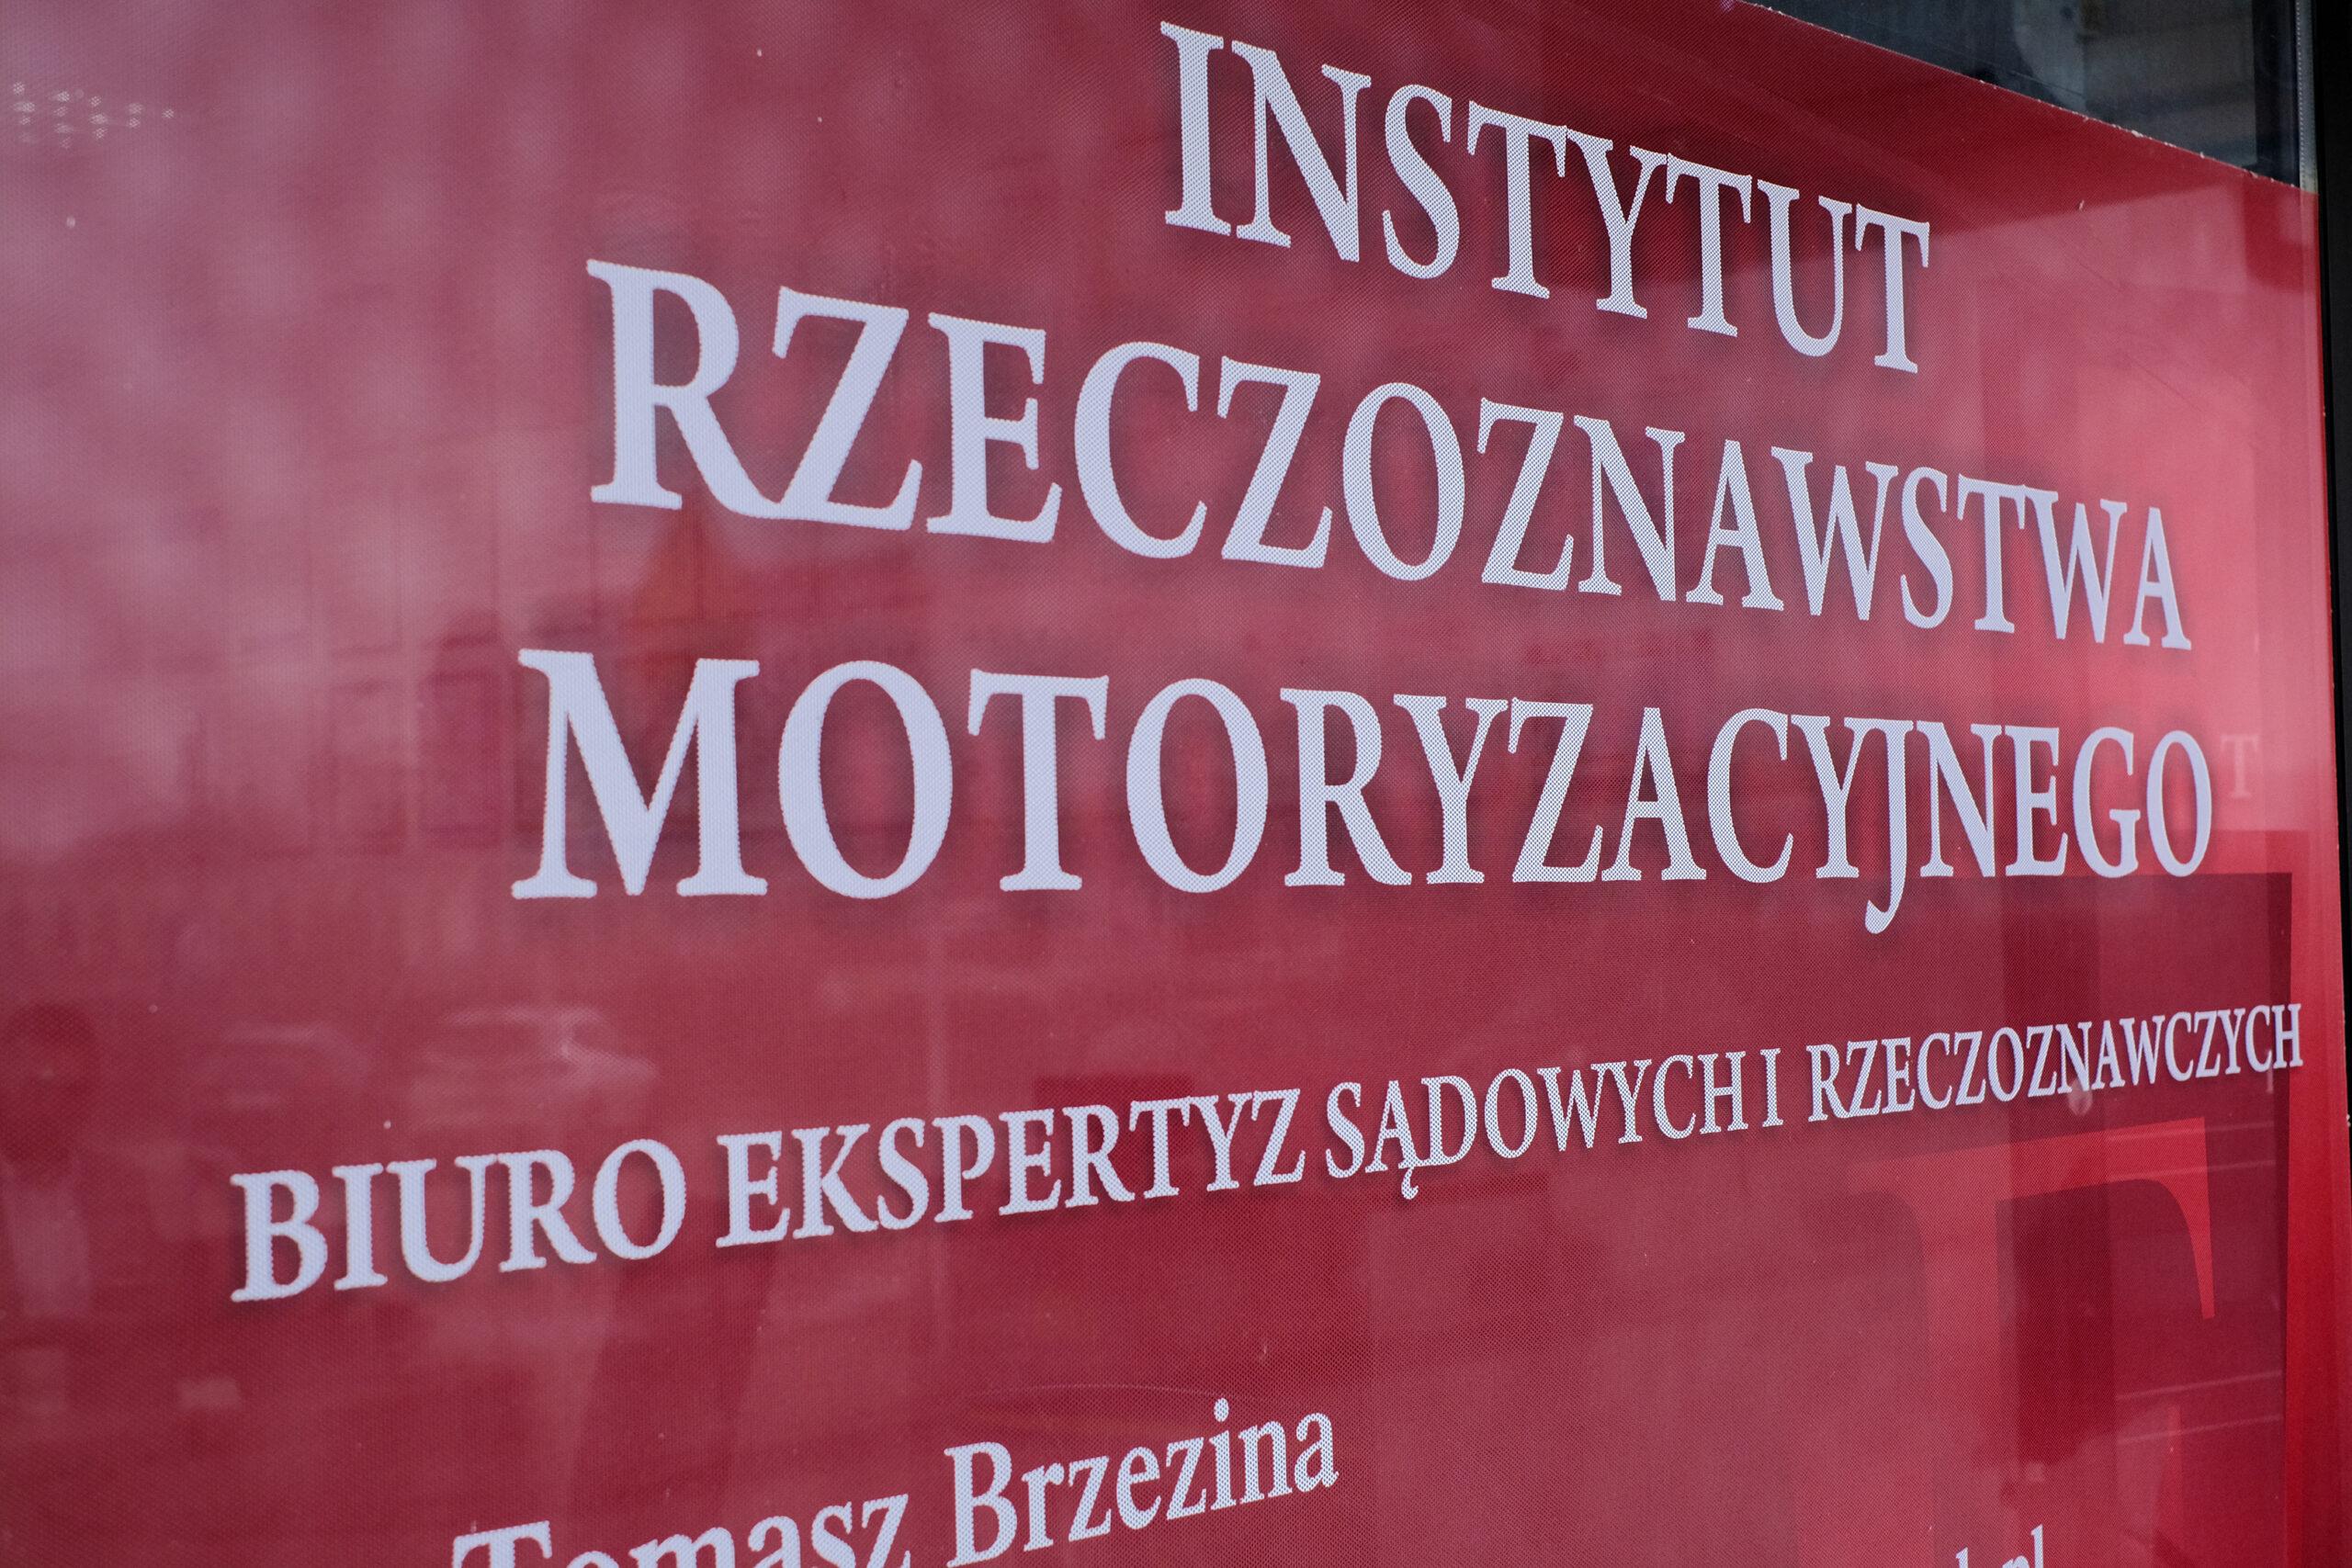 Instytut rzeczoznawstwa motoryzacyjnego TB Ekspert - rzeczoznawca samochodowy